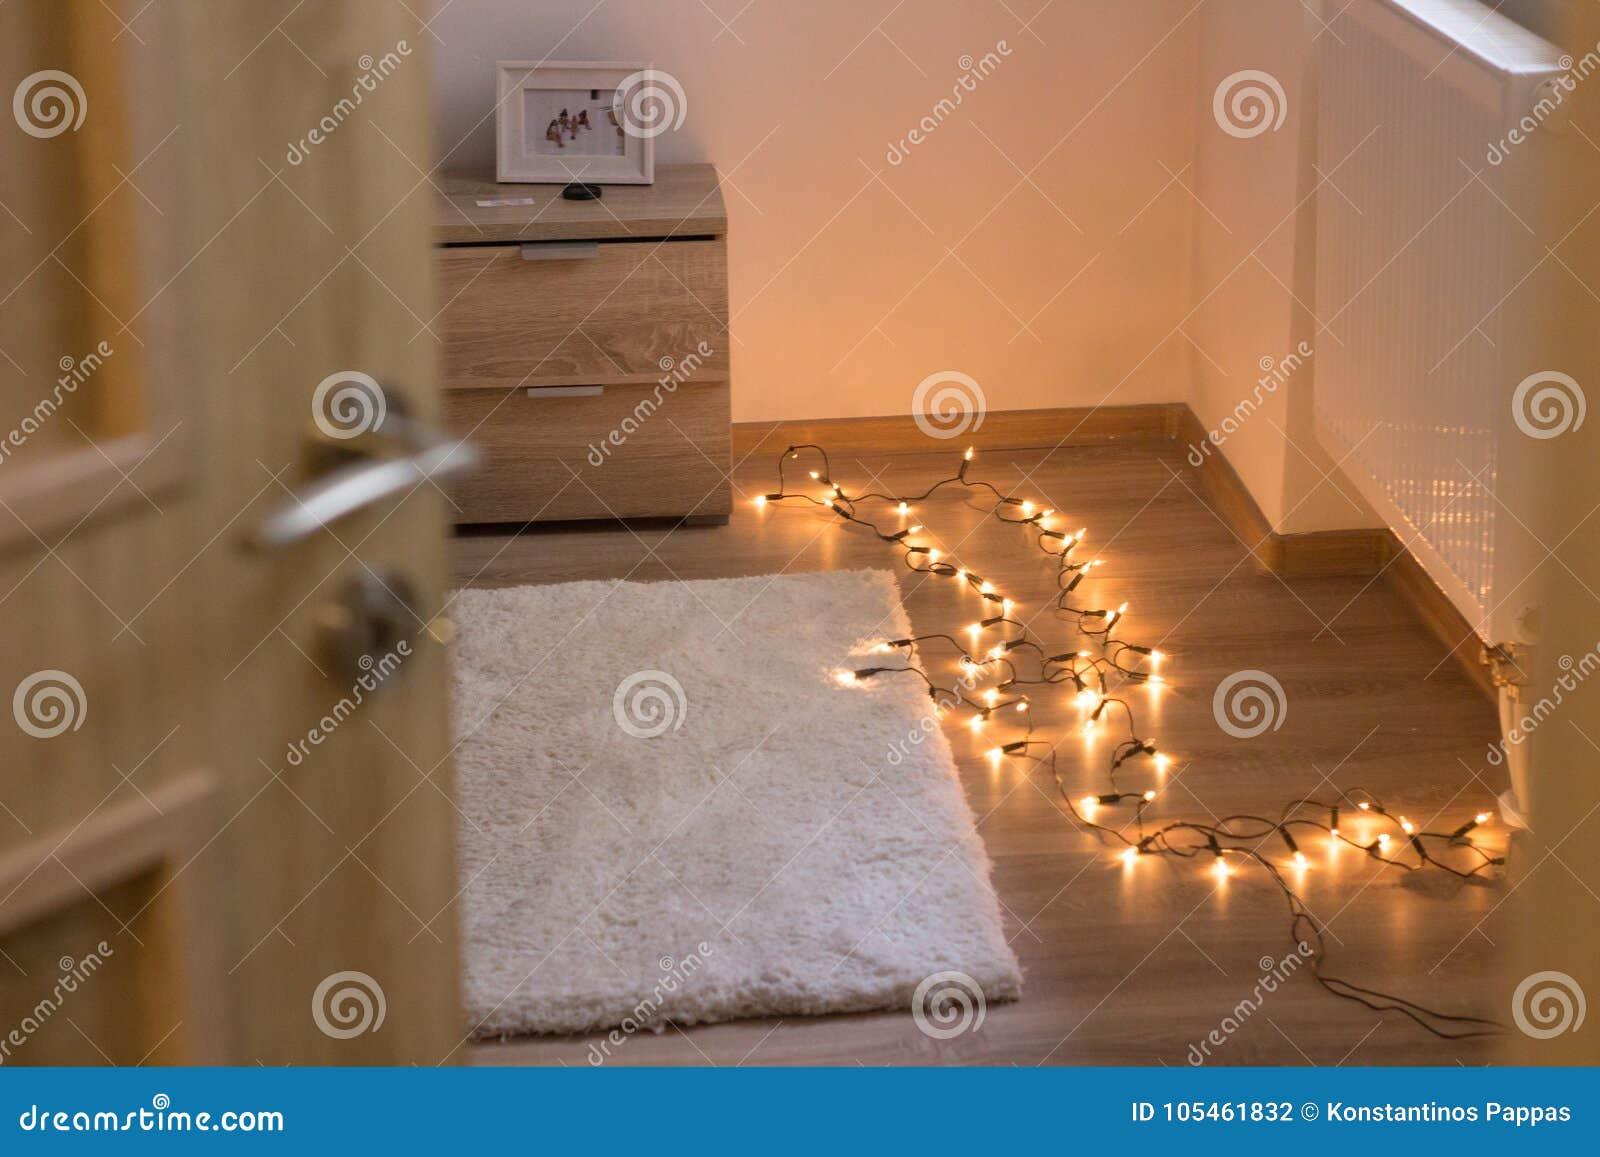 Acueste el marco y el piso laterales del escritorio con las luces